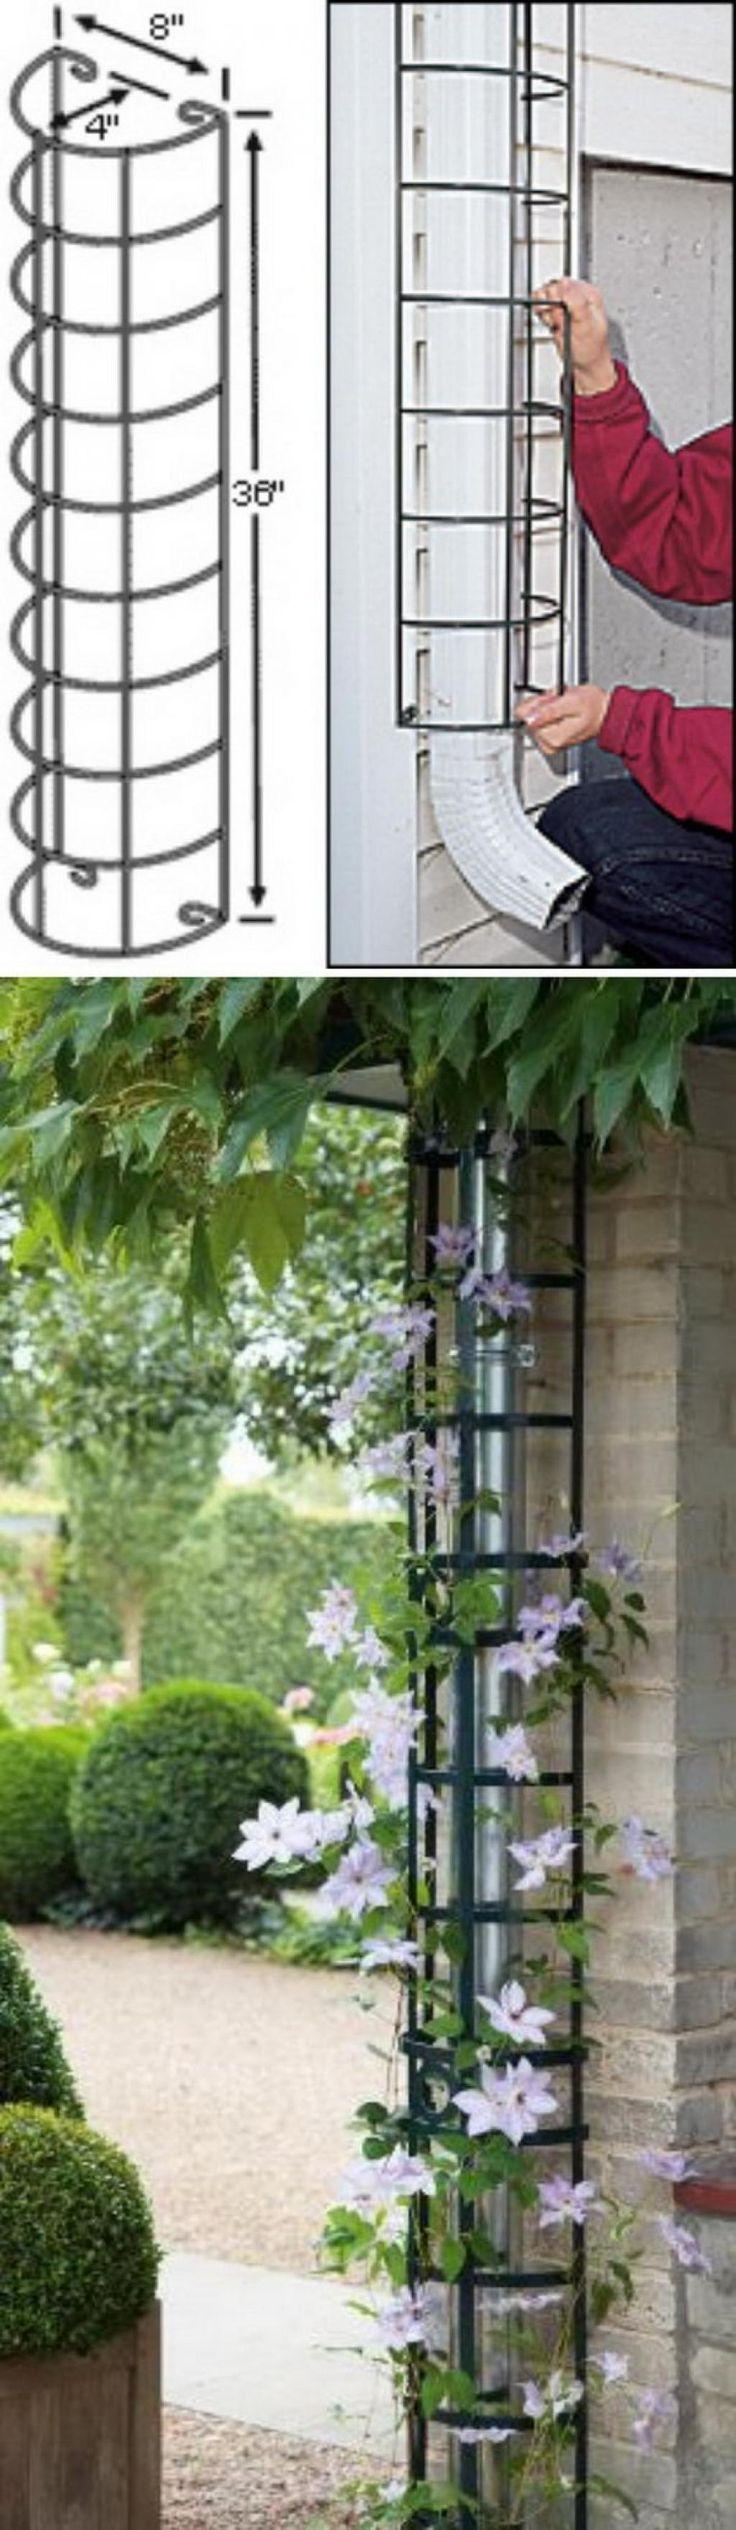 32 ingénieuses façons de créer votre treillis de jardin avec du matériel que vous avez sous la main